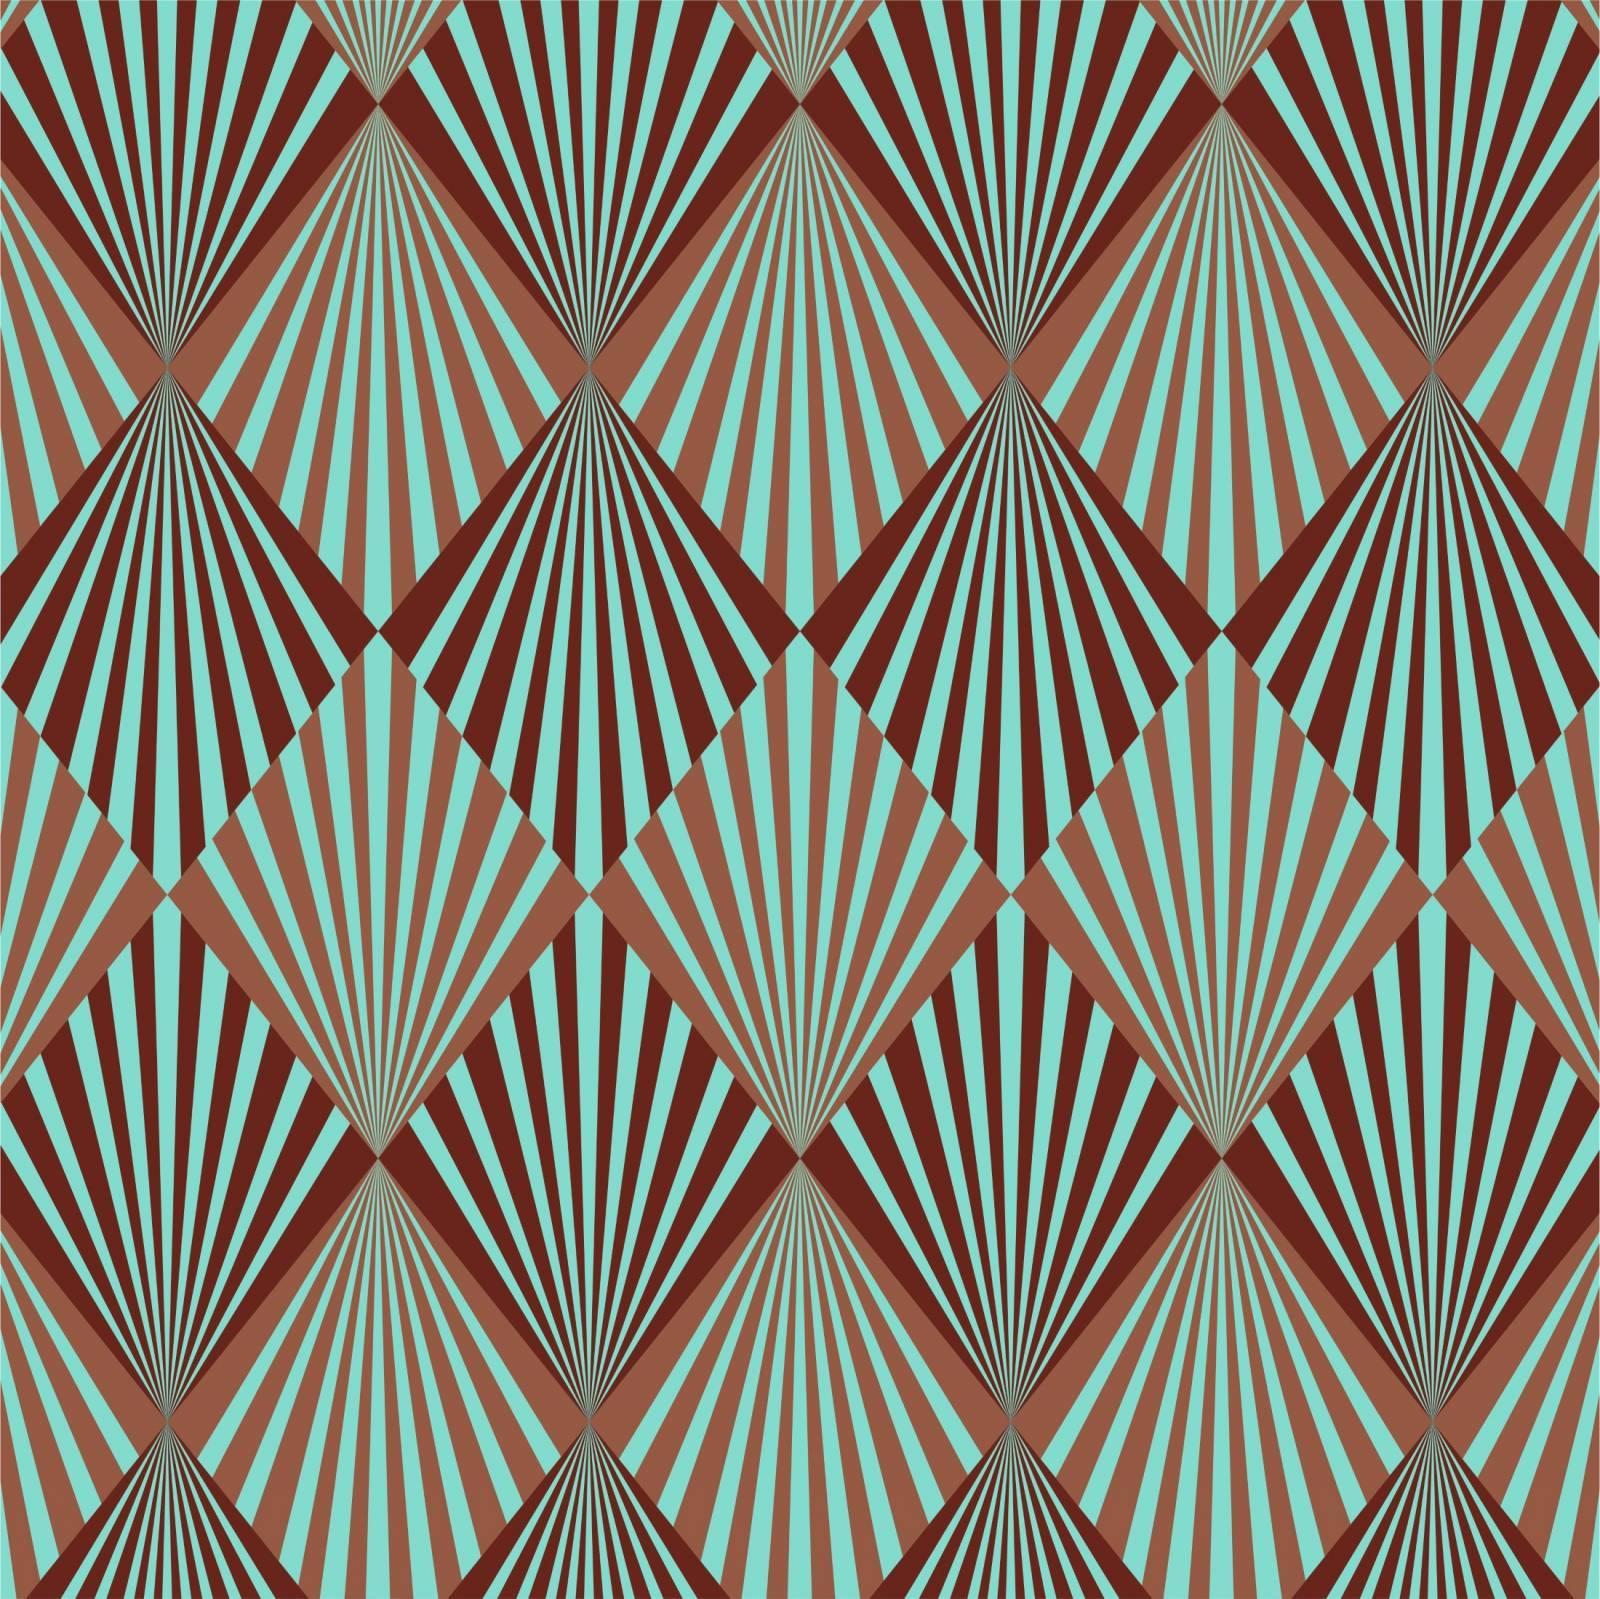 Papel de parede adesivo geometrico retro rolo redecorei - Papel de pared retro ...